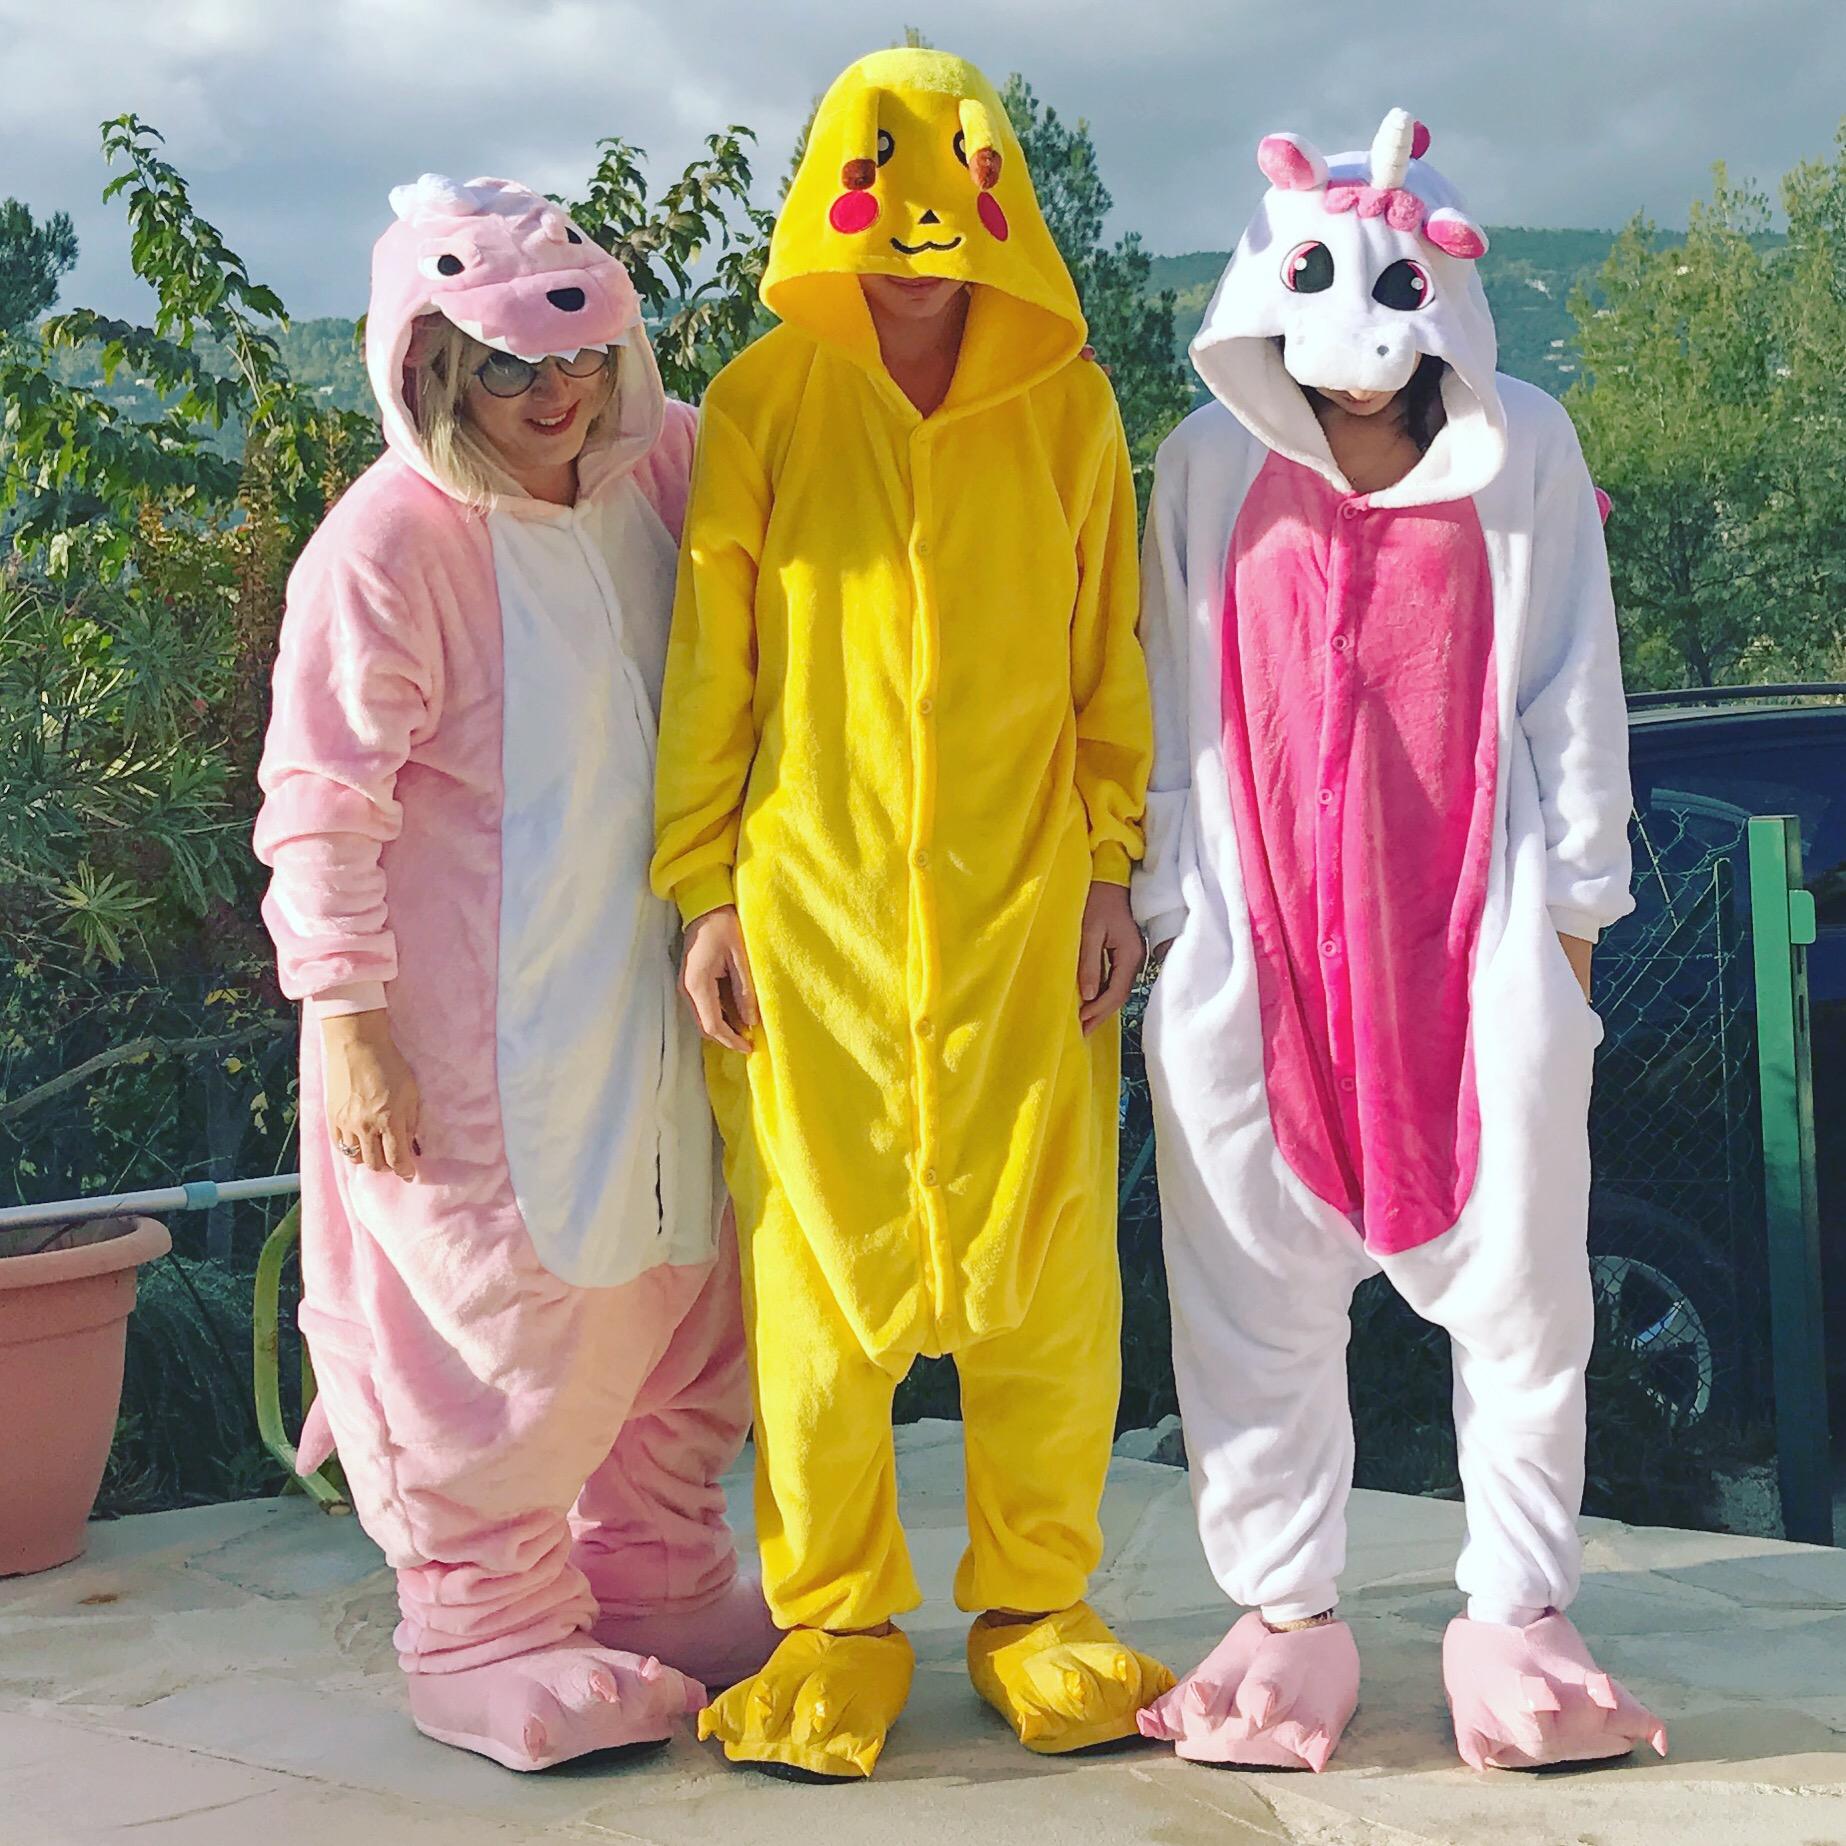 TheMouse sur YouTube: La vidéo dingue: dragon, licorne et Pokémon!